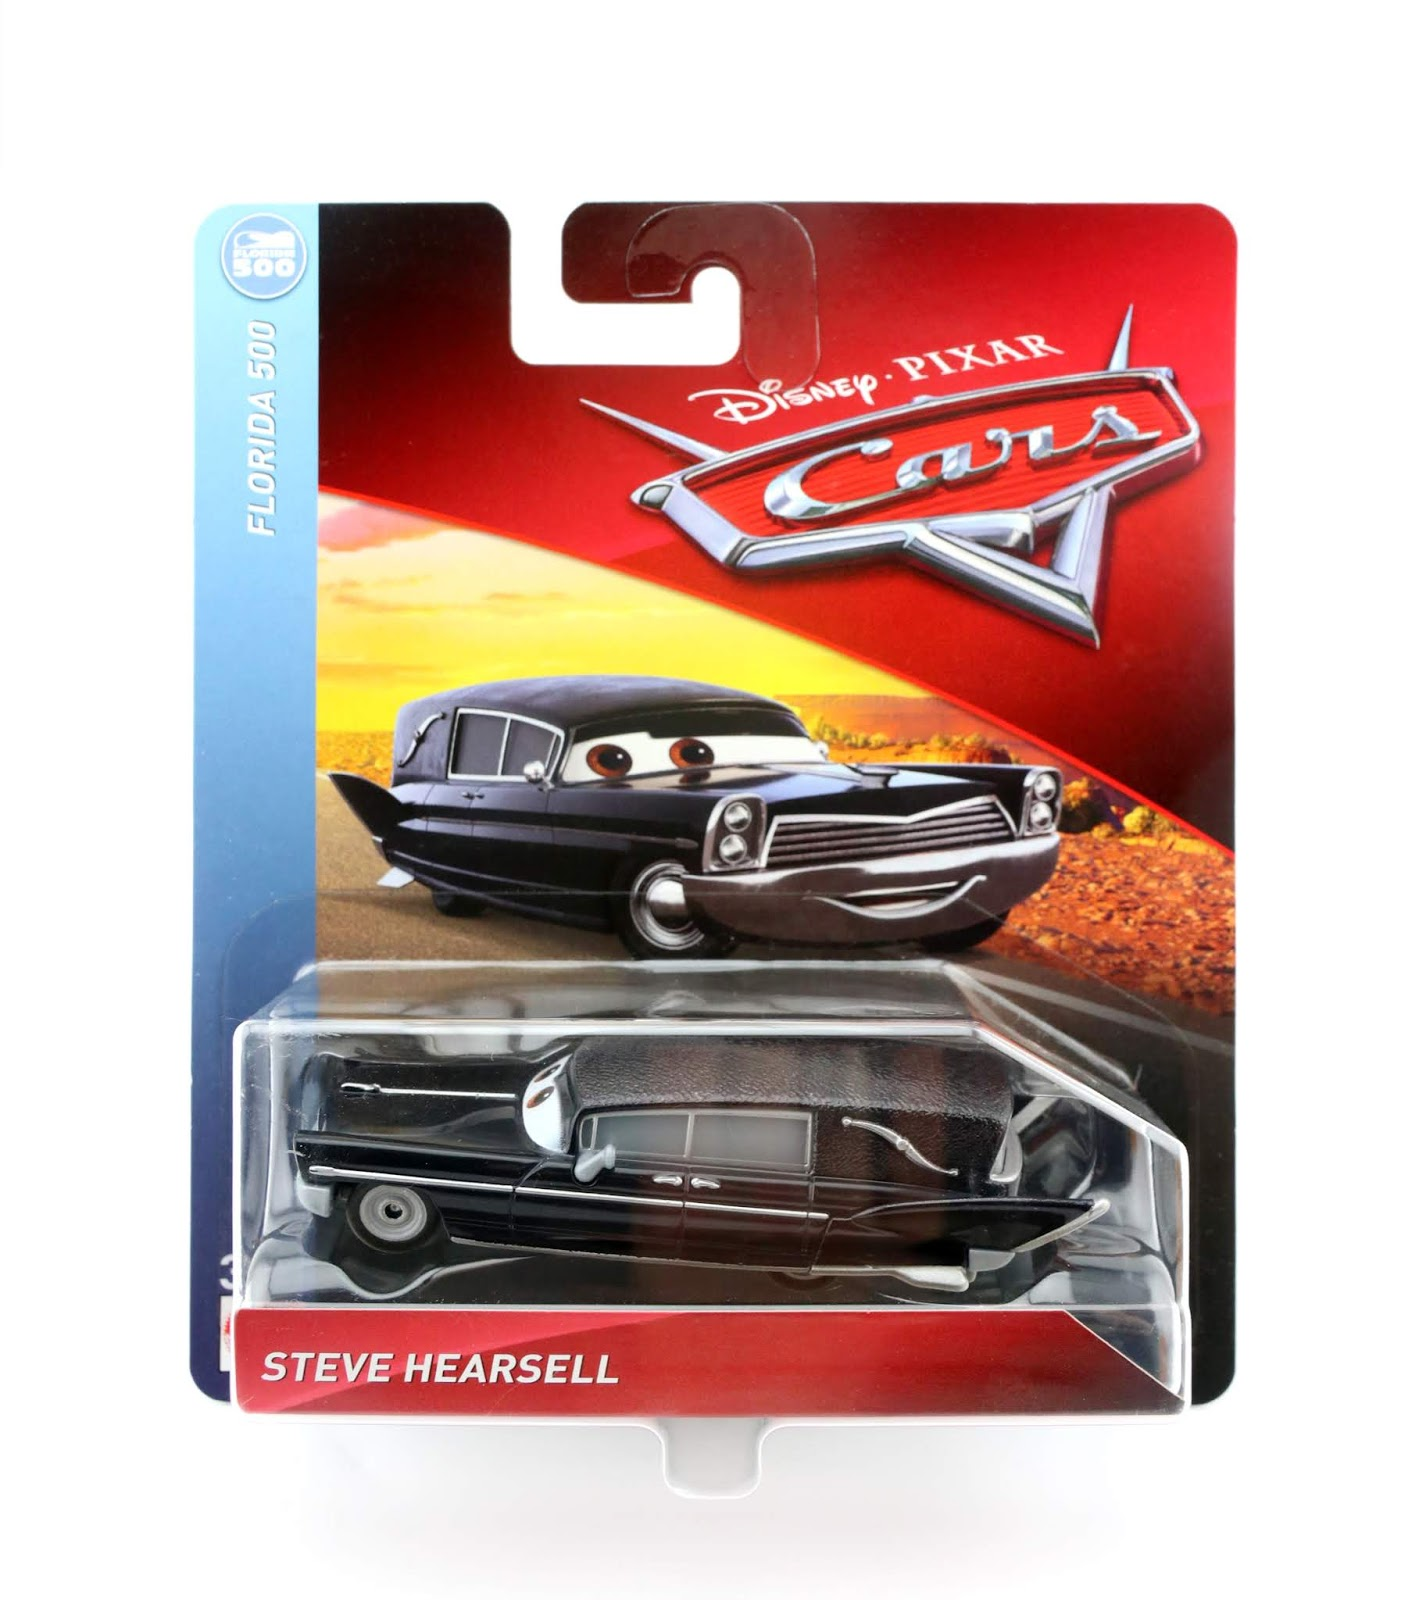 Cars 3 Steve Hearsell diecast